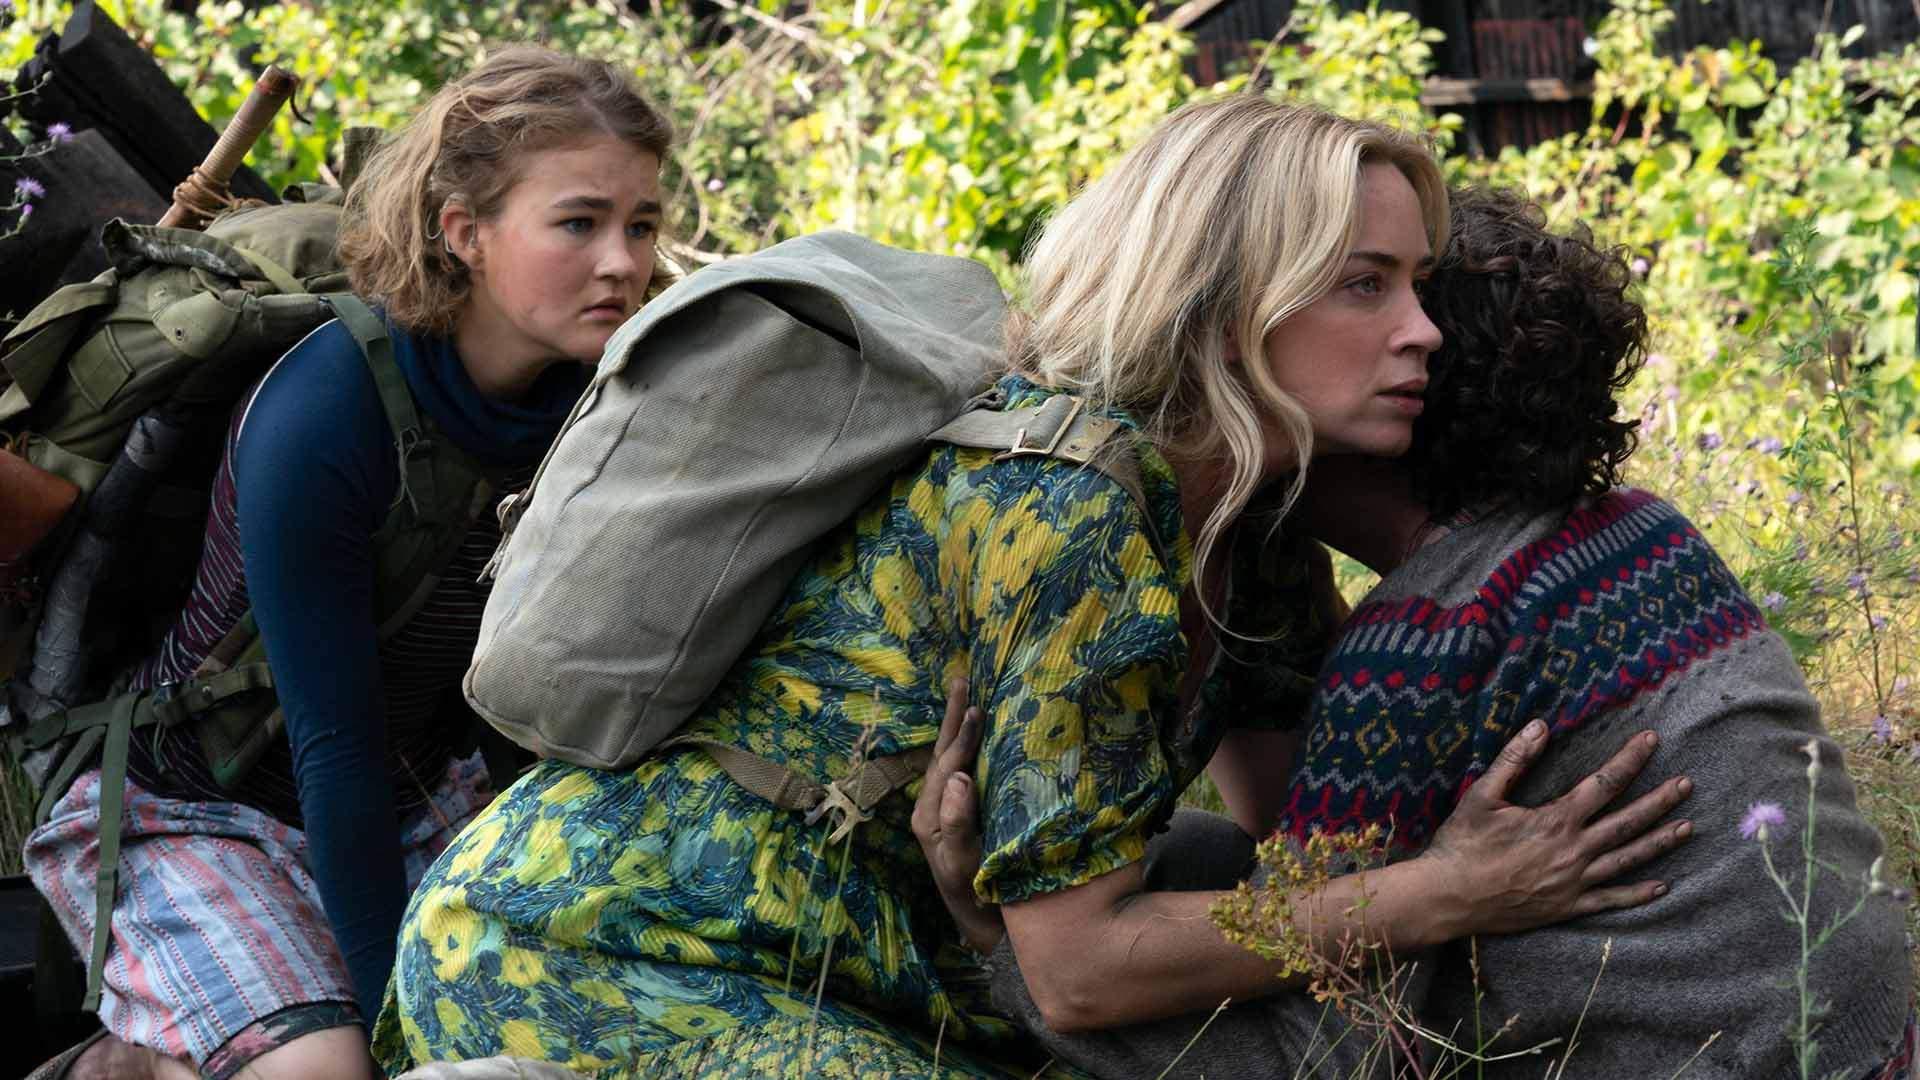 Phim kinh dị 'Vùng đất câm lặng II' vượt mốc 100 triệu USD - Ảnh 1.